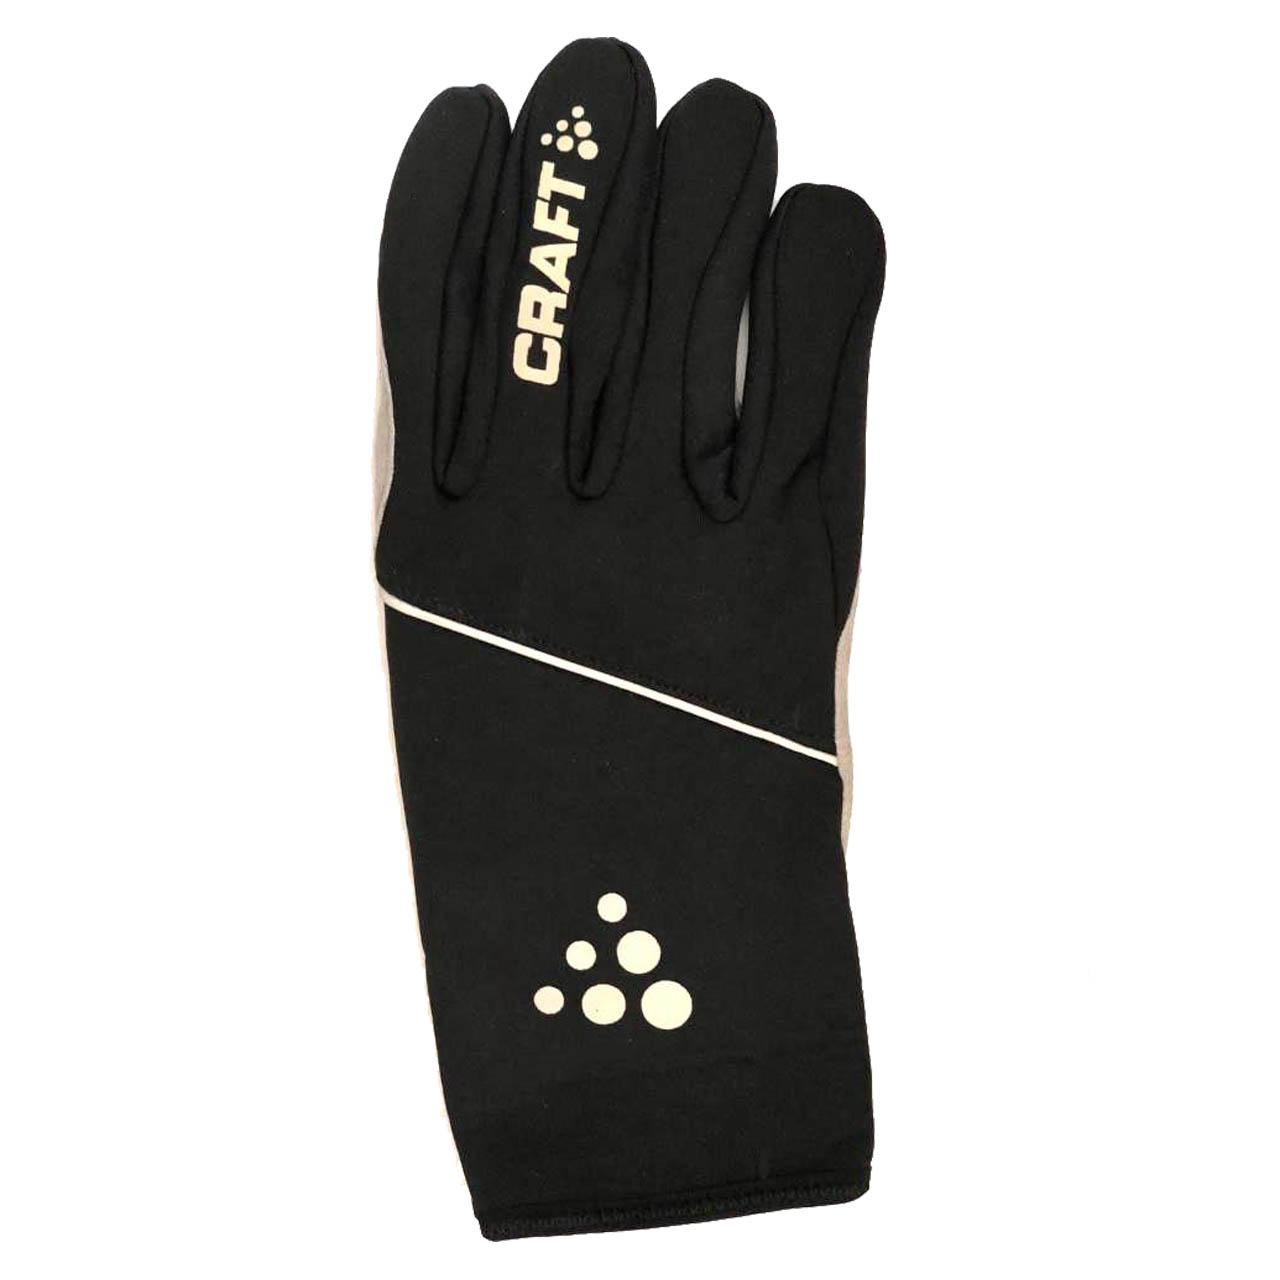 دستکش اسکی کرافت مدل Thermo XL